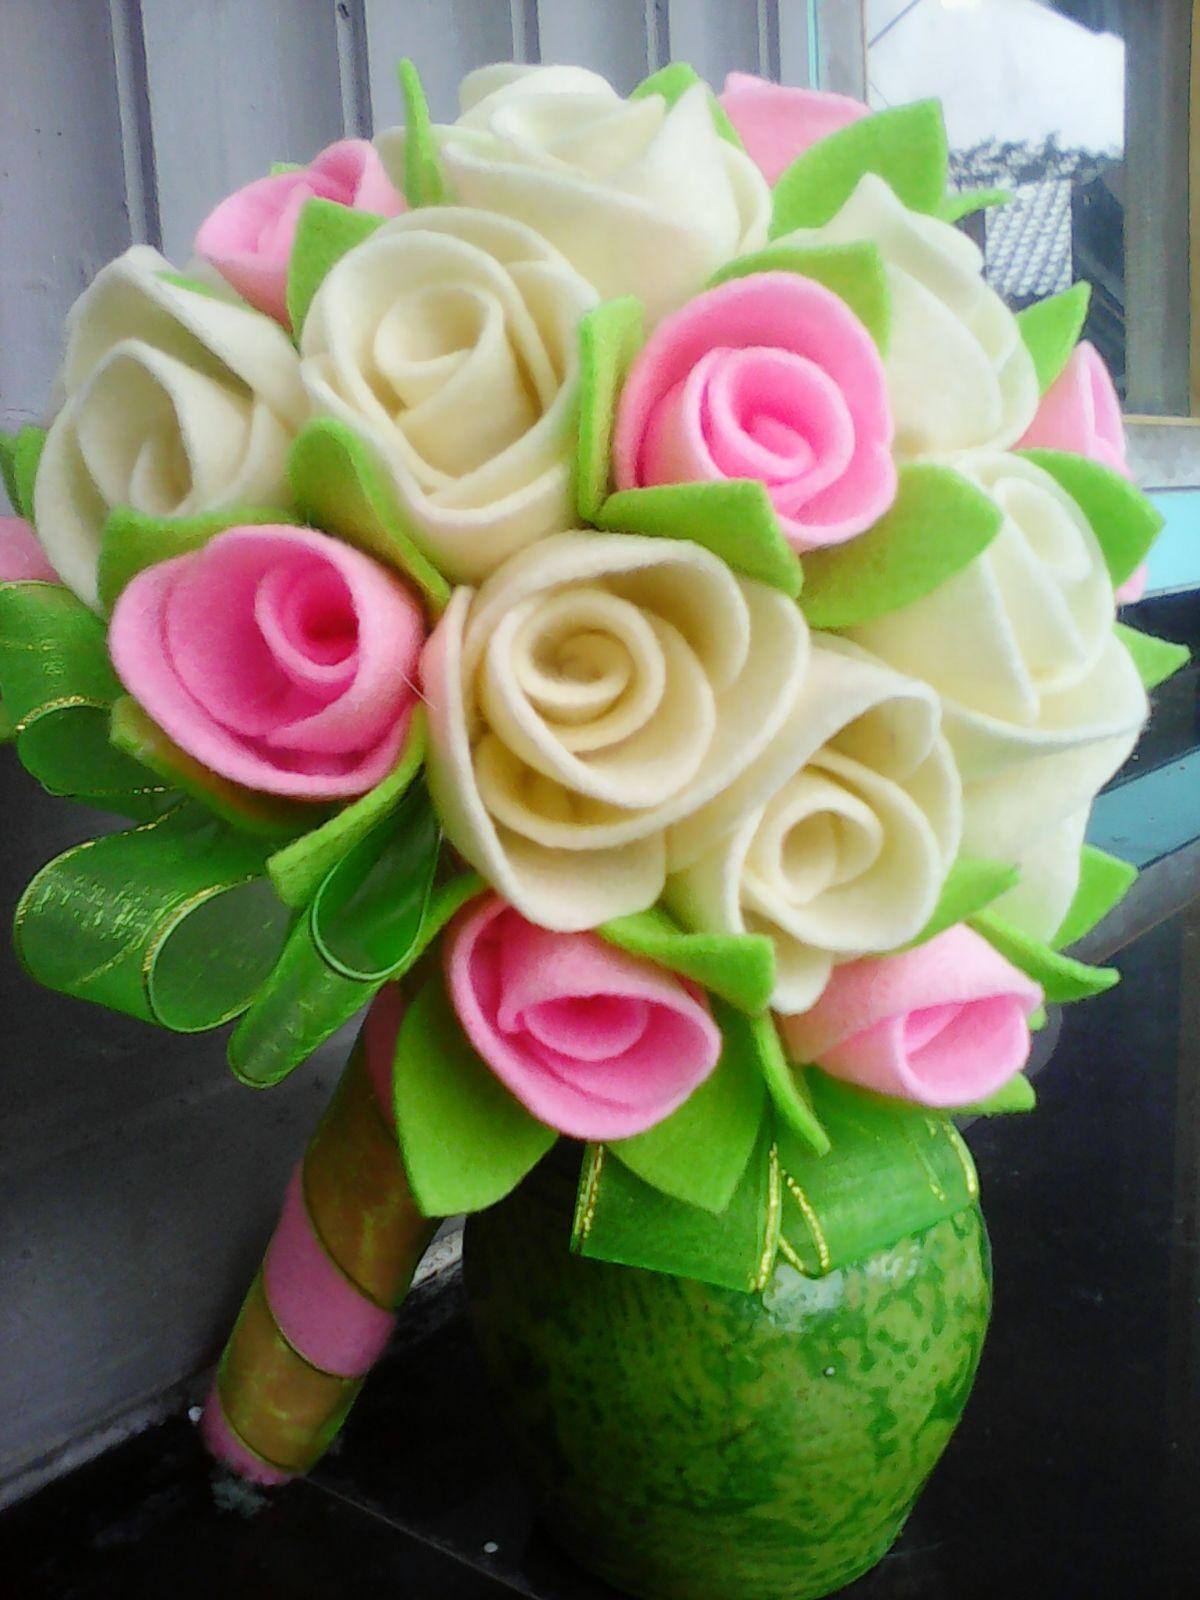 Bouquet bunga flanel mawar felt flower bouquet makarame diy hand bouquet bunga flanel mawar felt flower bouquet makarame izmirmasajfo